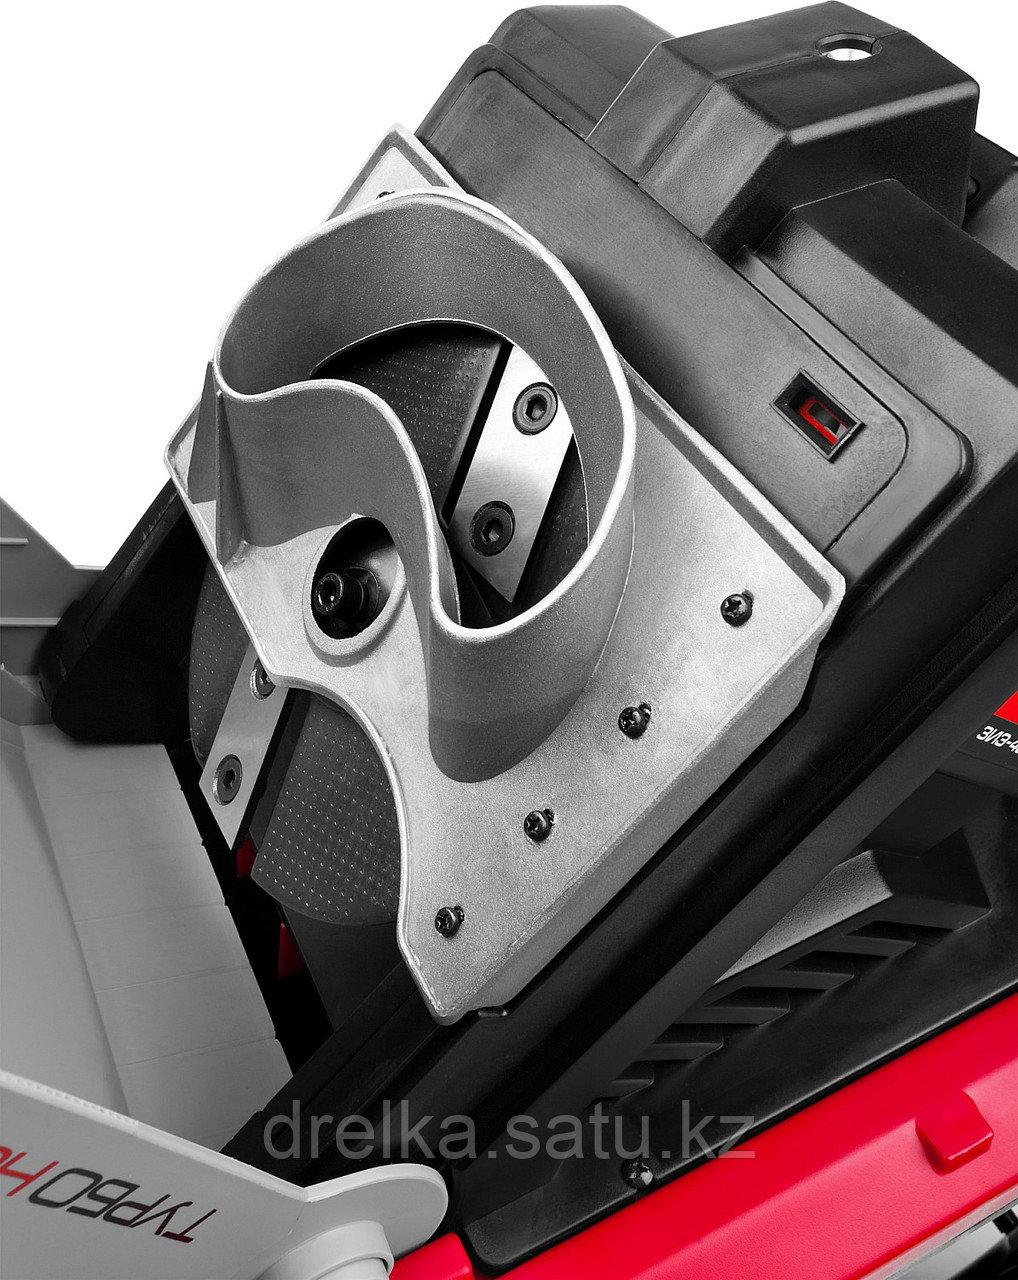 Измельчитель веток садовый ЗУБР ЗИЭ-40-2500, электрический, режущая способность 40 мм, контейнер 50 л, 2500 Вт - фото 8